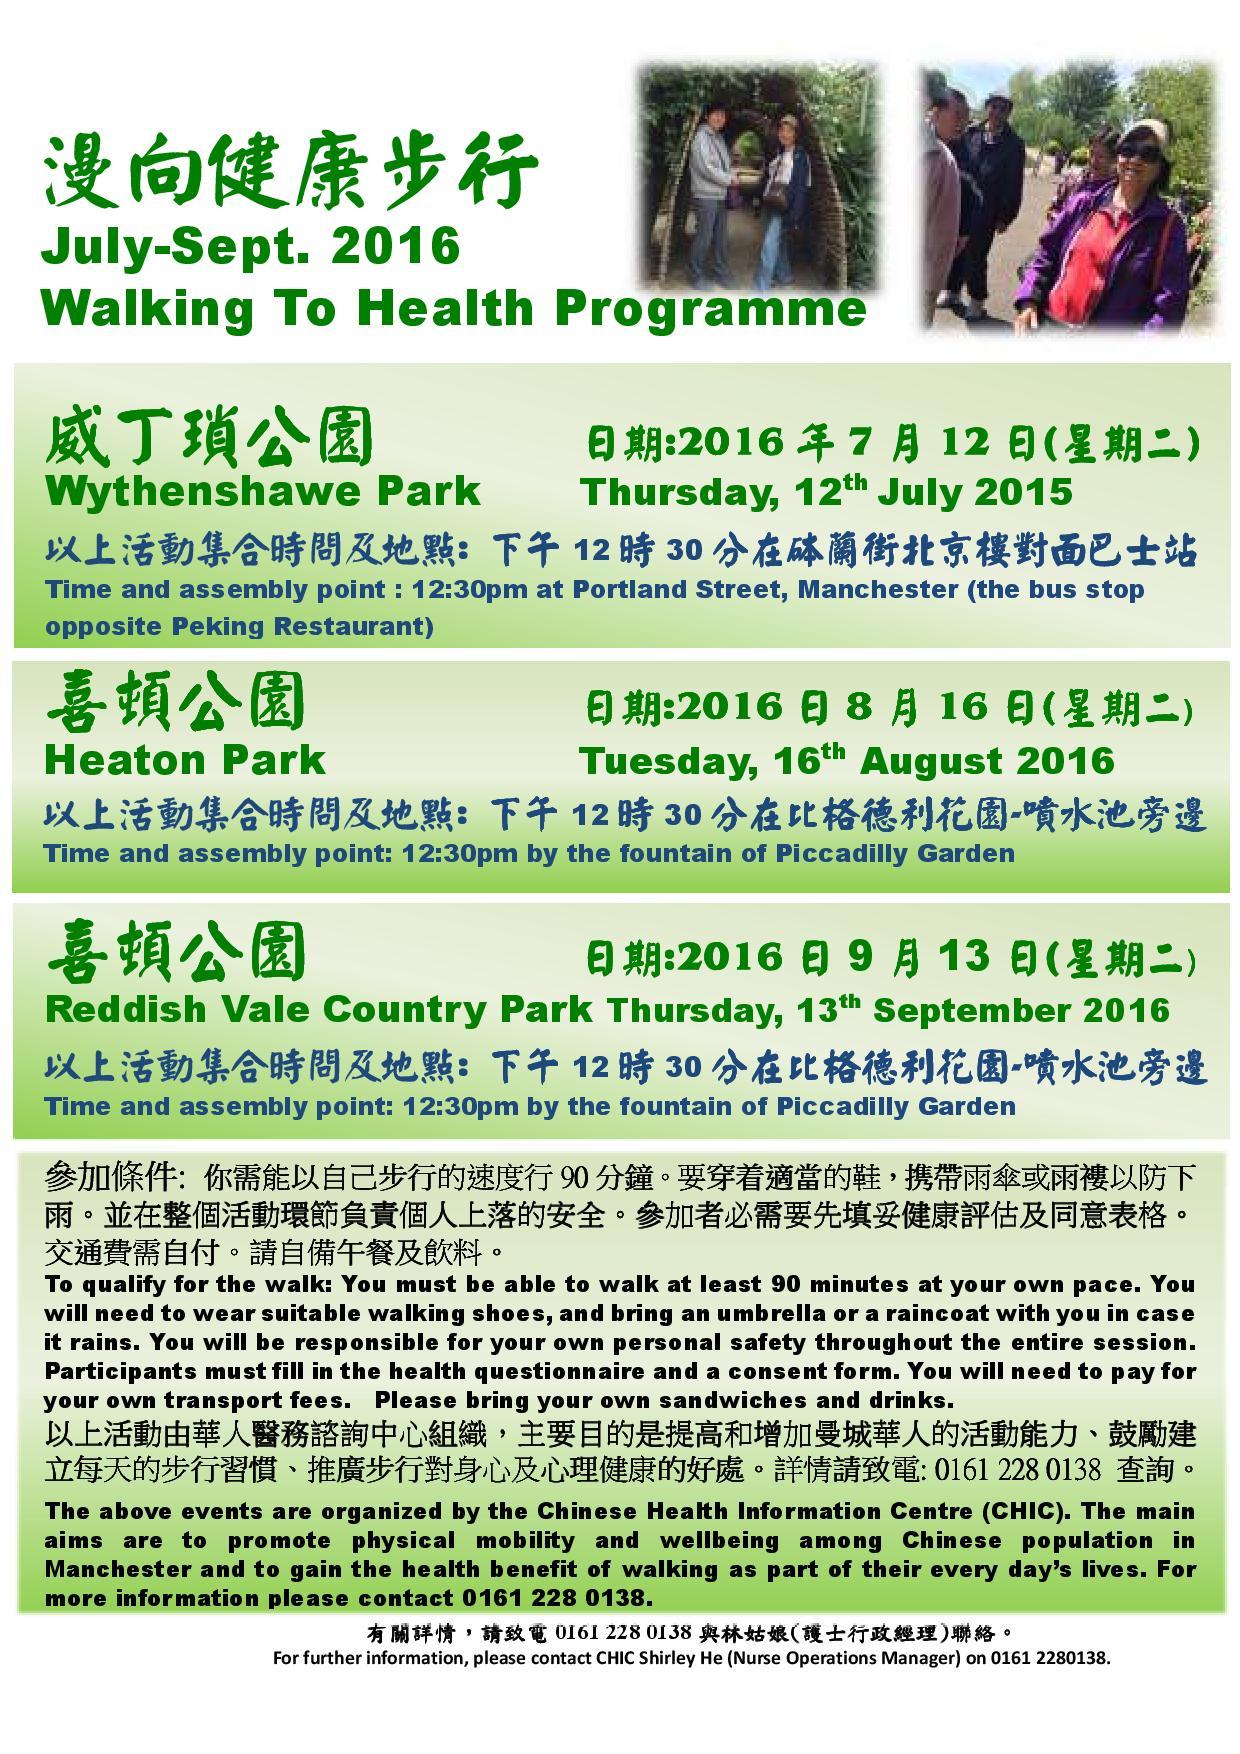 July-Sept 2016 Walking To Heath